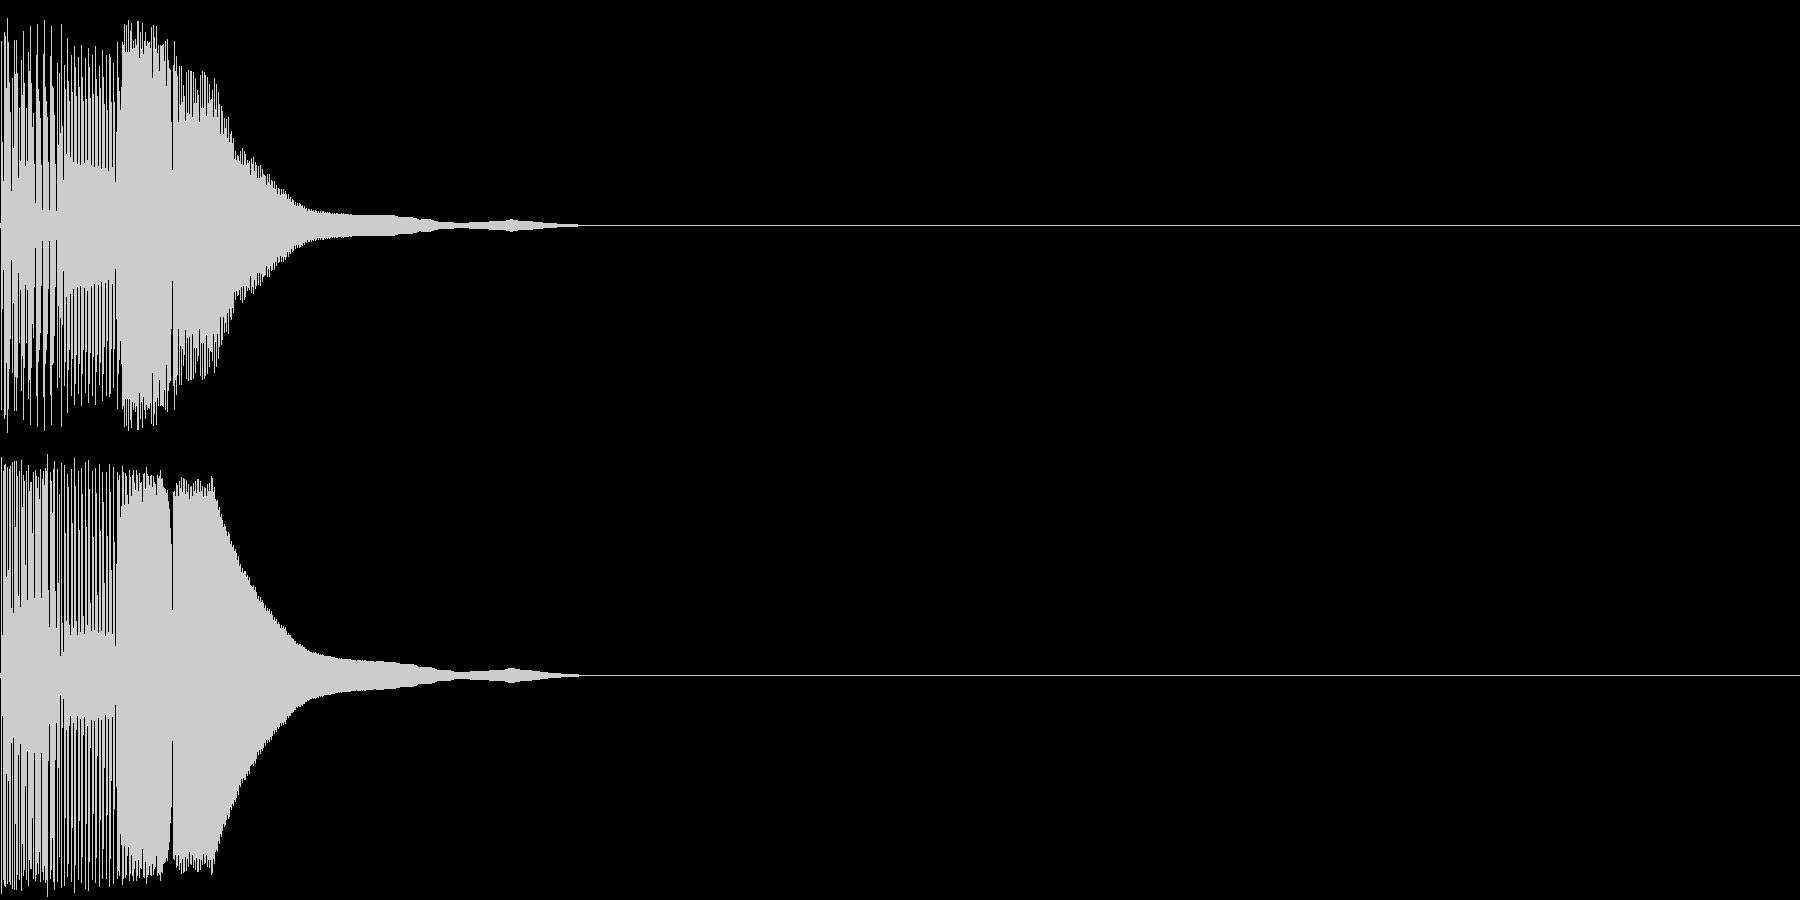 ボタン音01(ピコッ)の未再生の波形